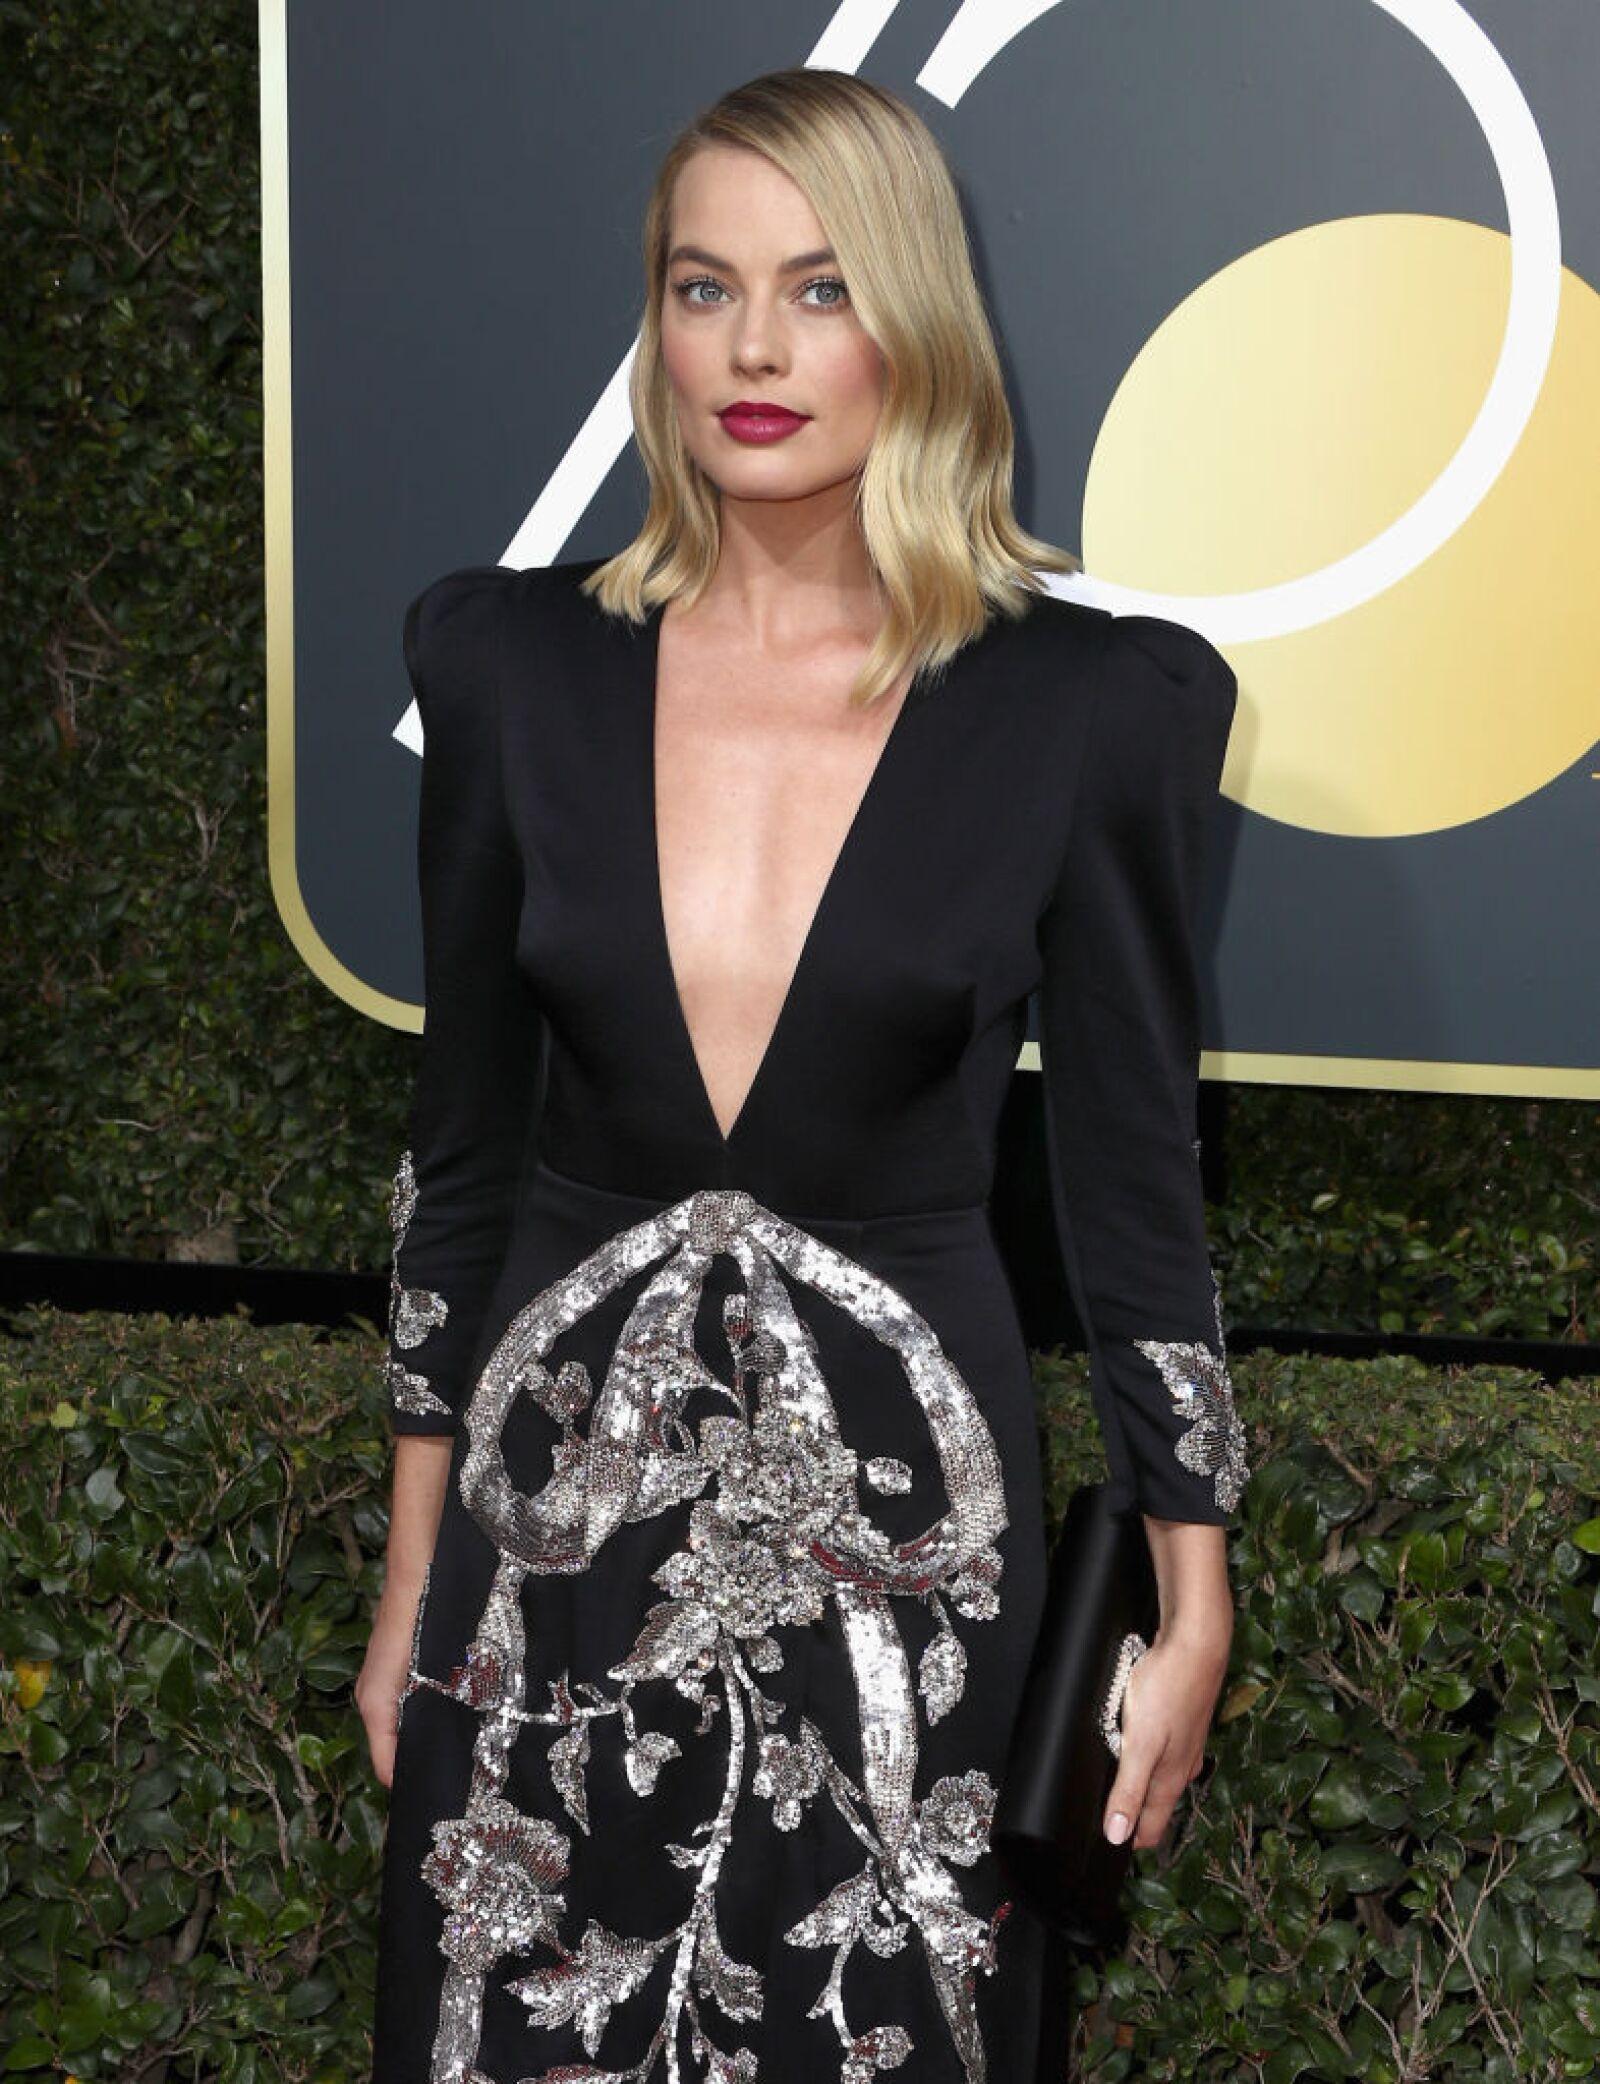 Margot Robbie Golden Globes 2018